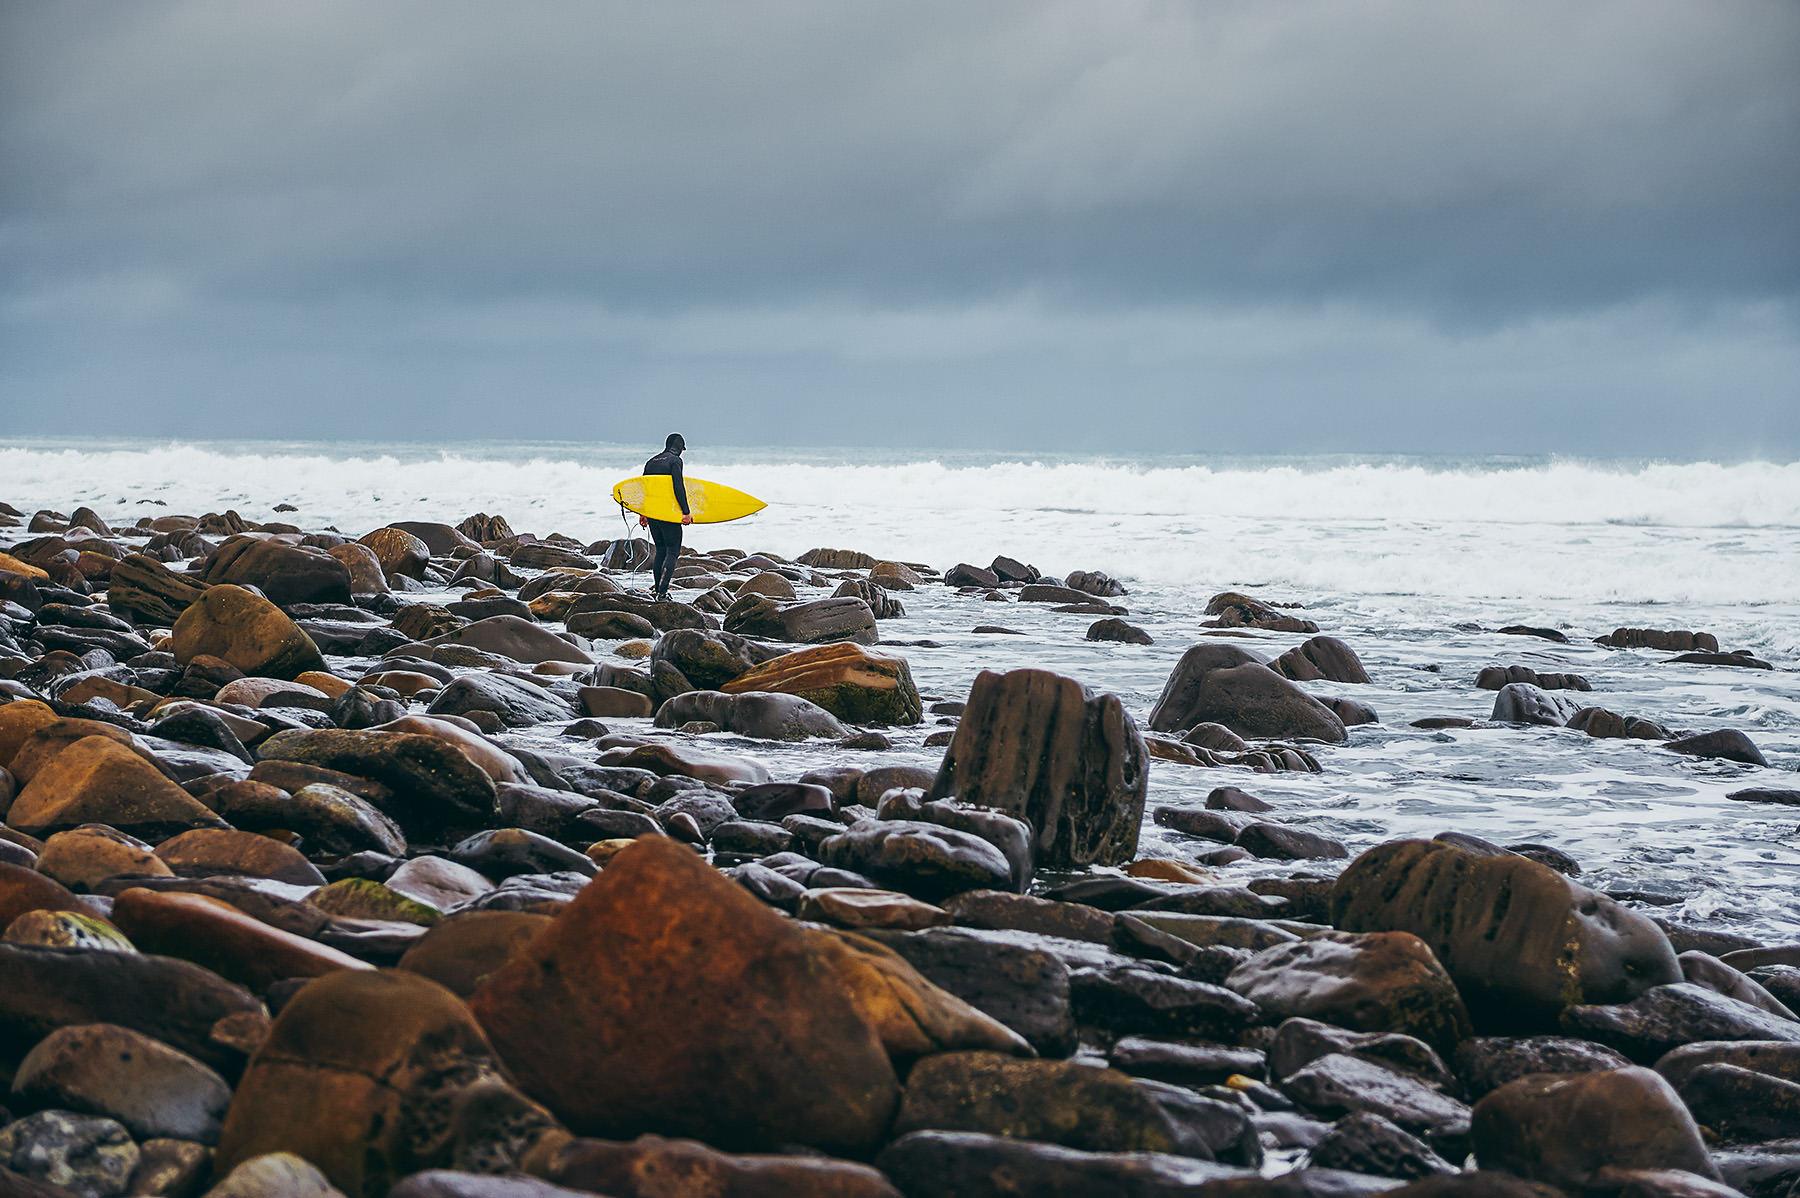 winter-surfing-ireland-sport-adventure-22.jpg